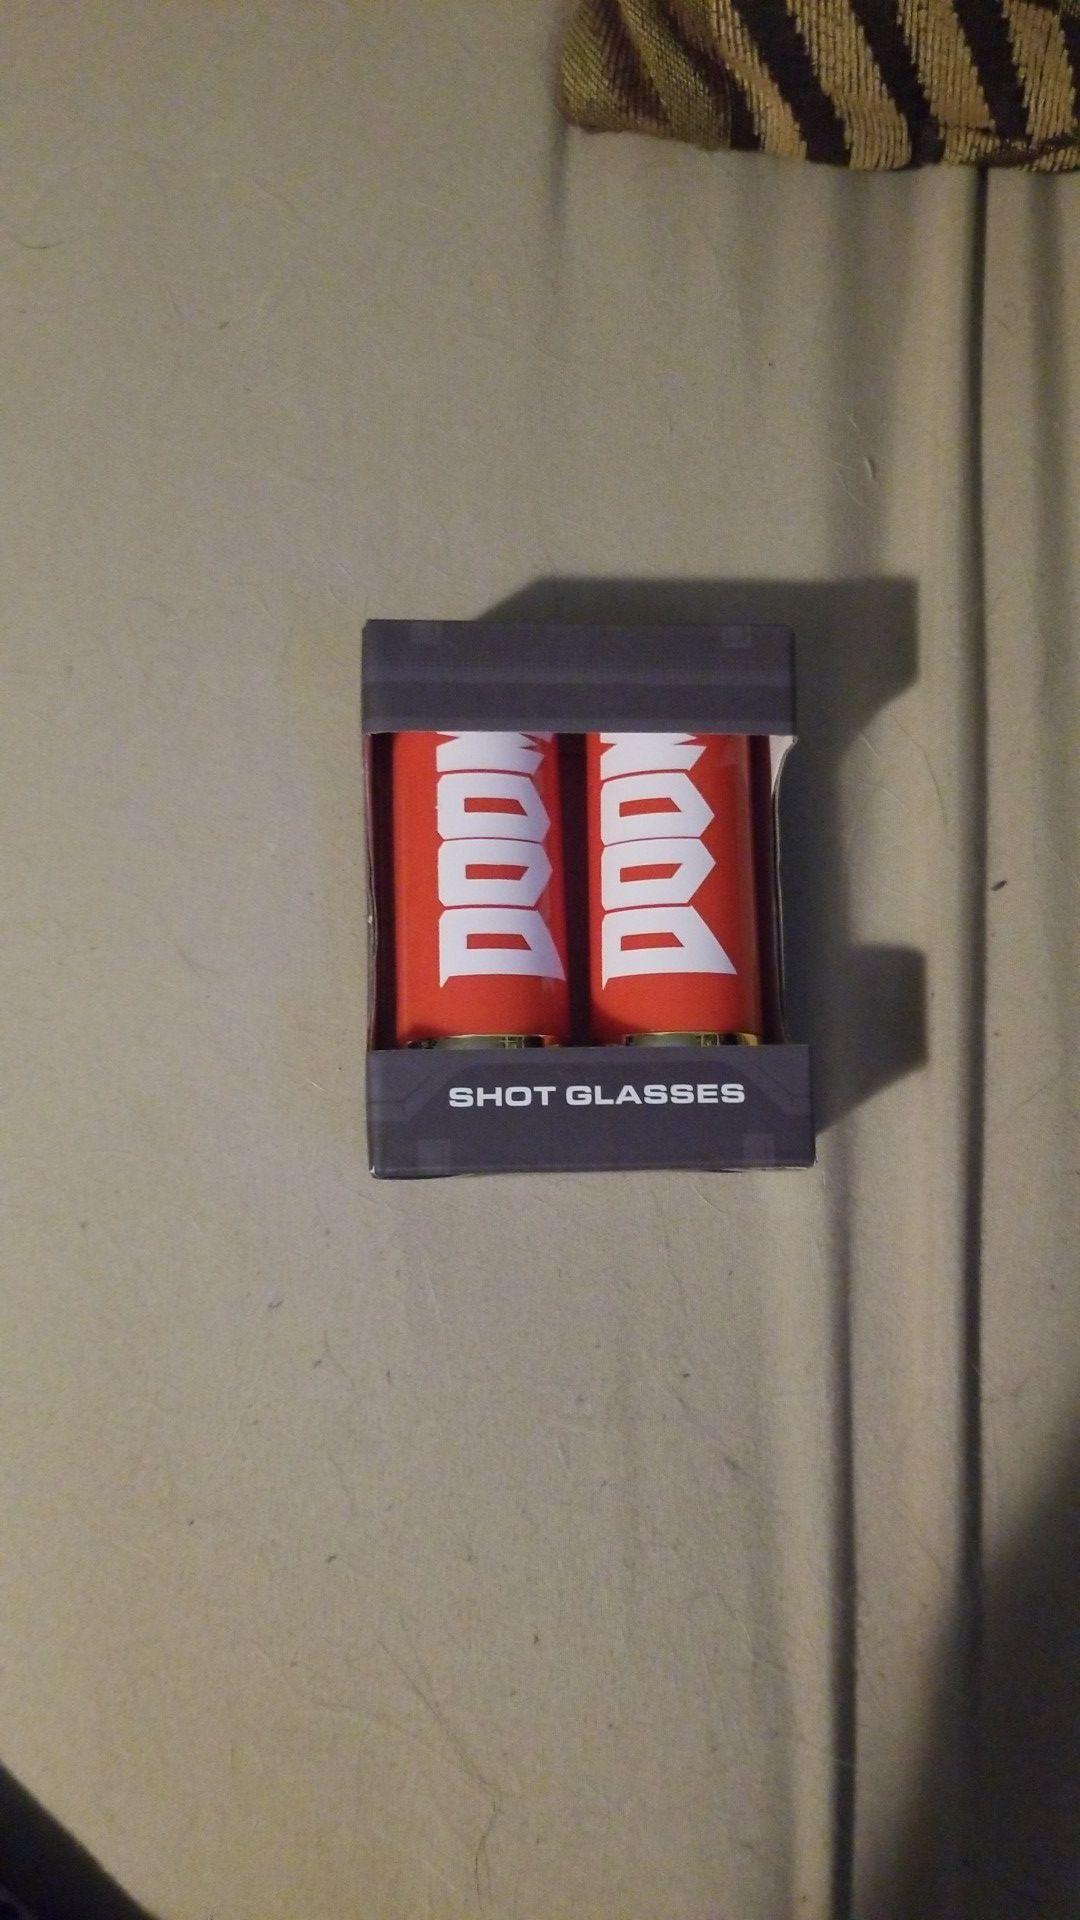 Doom shotgun shell shot glasses